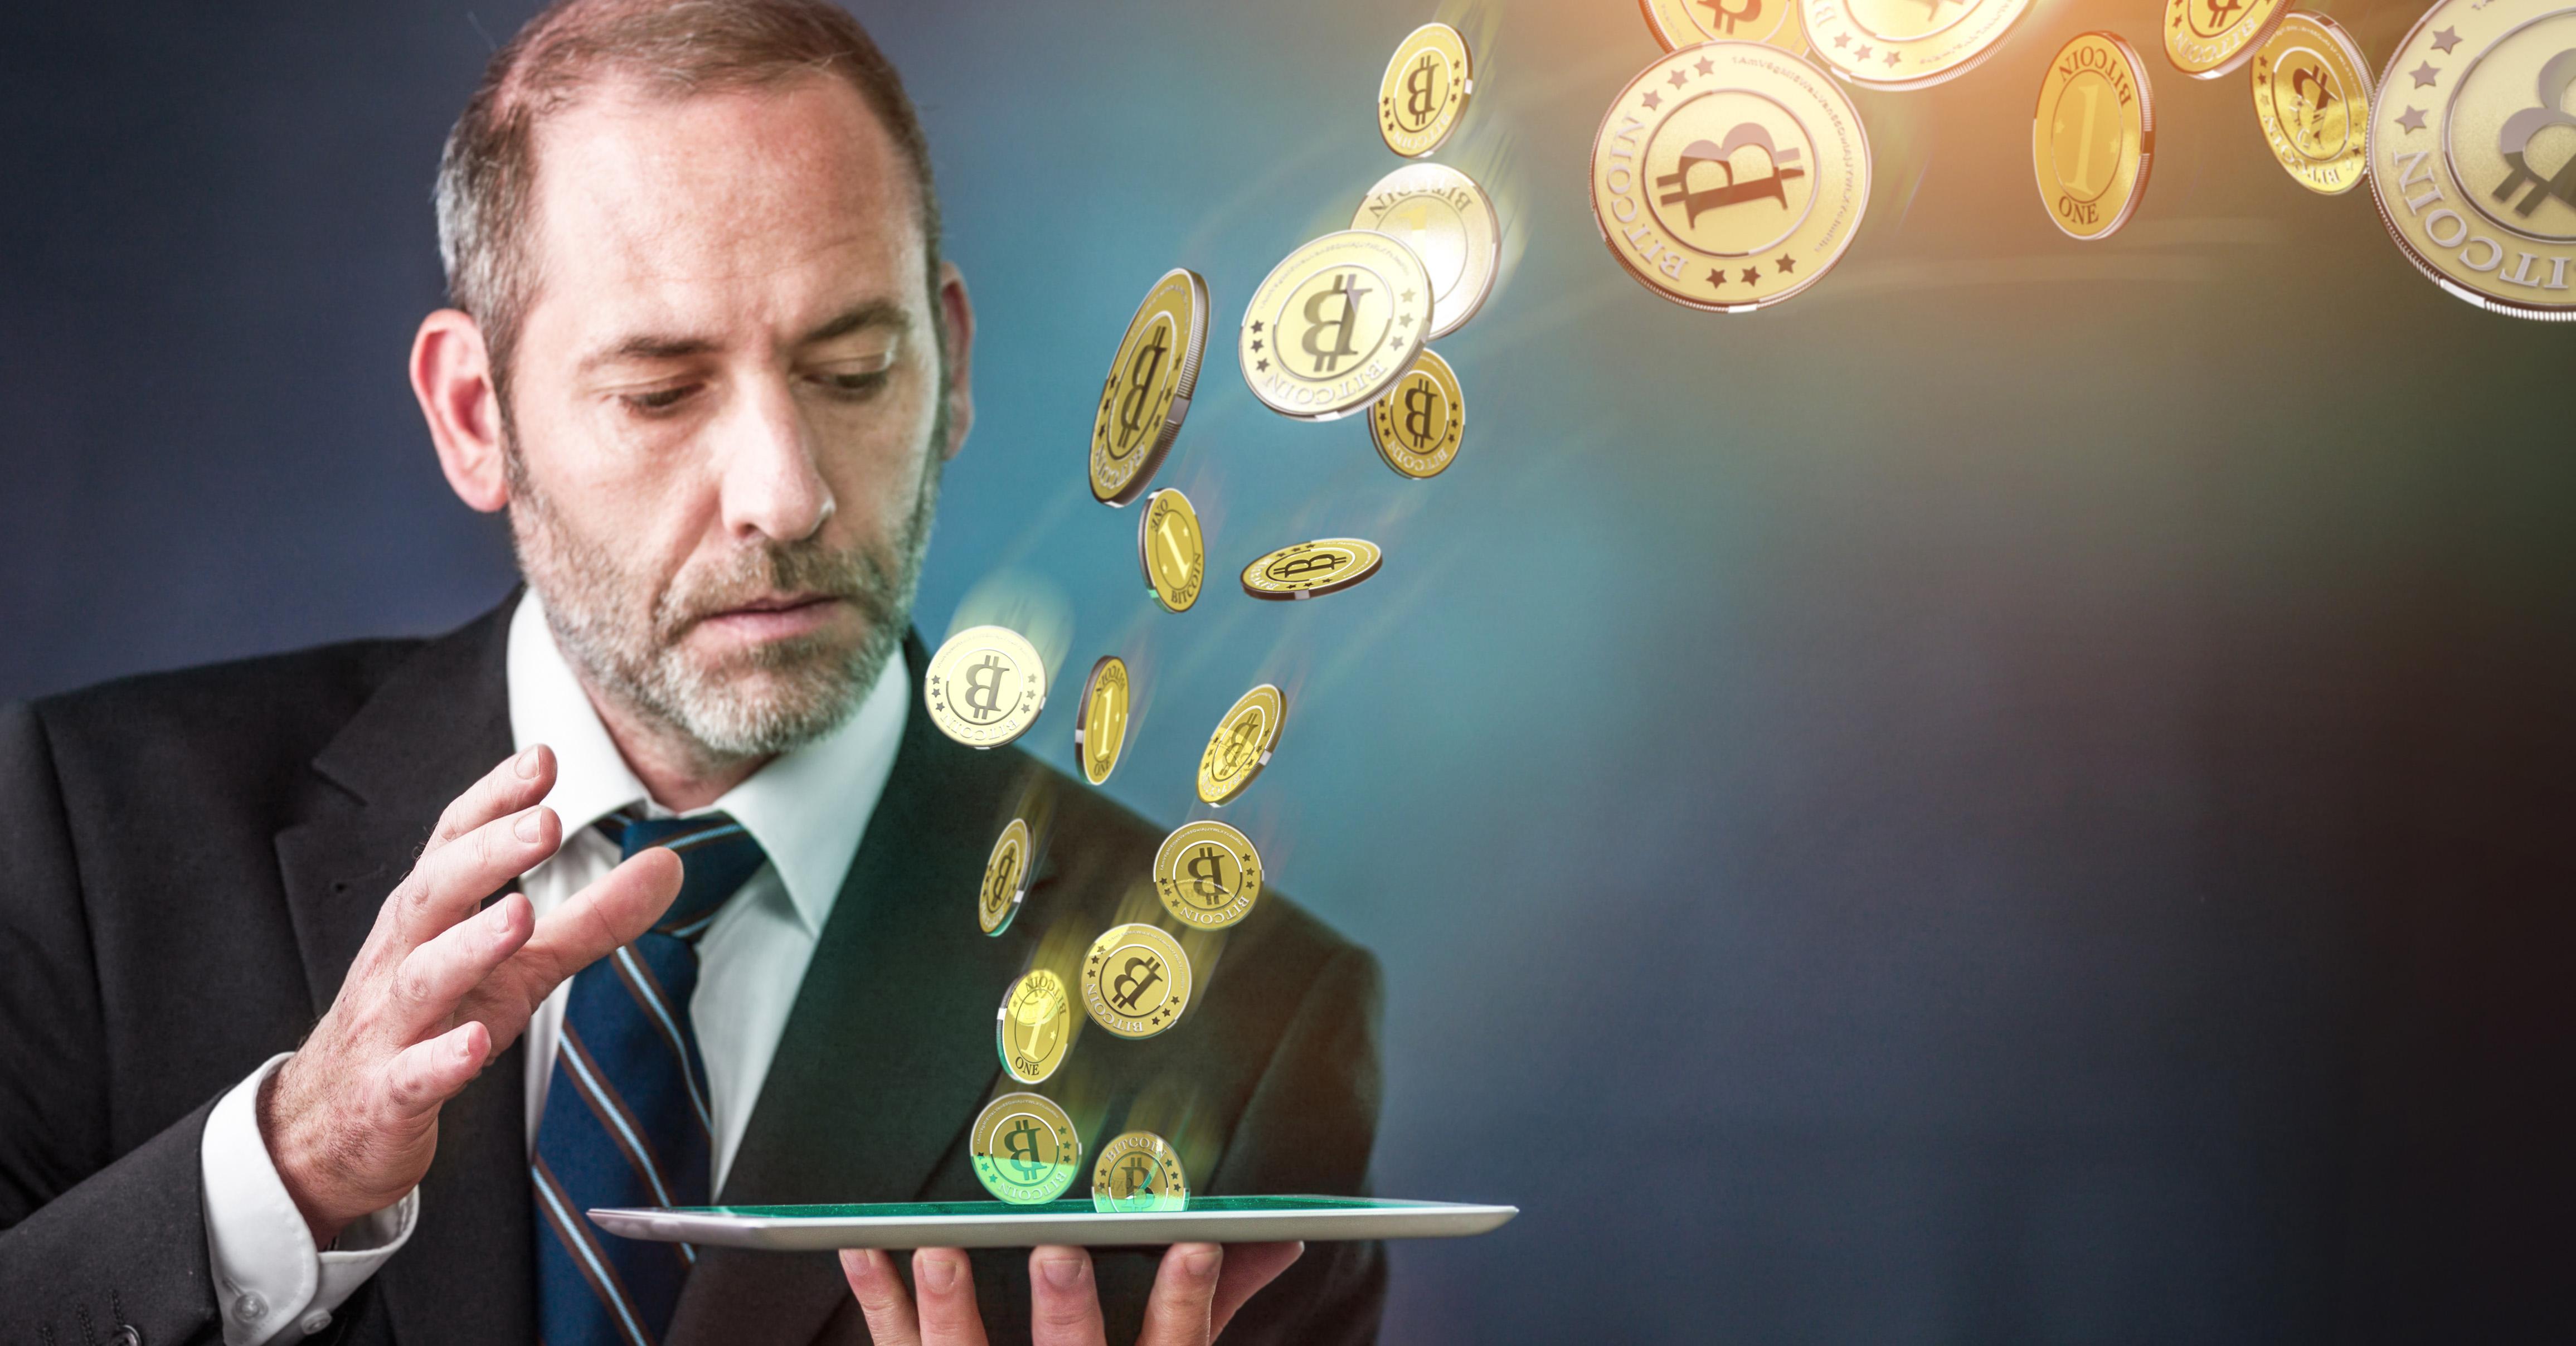 jered kenna bitcoin